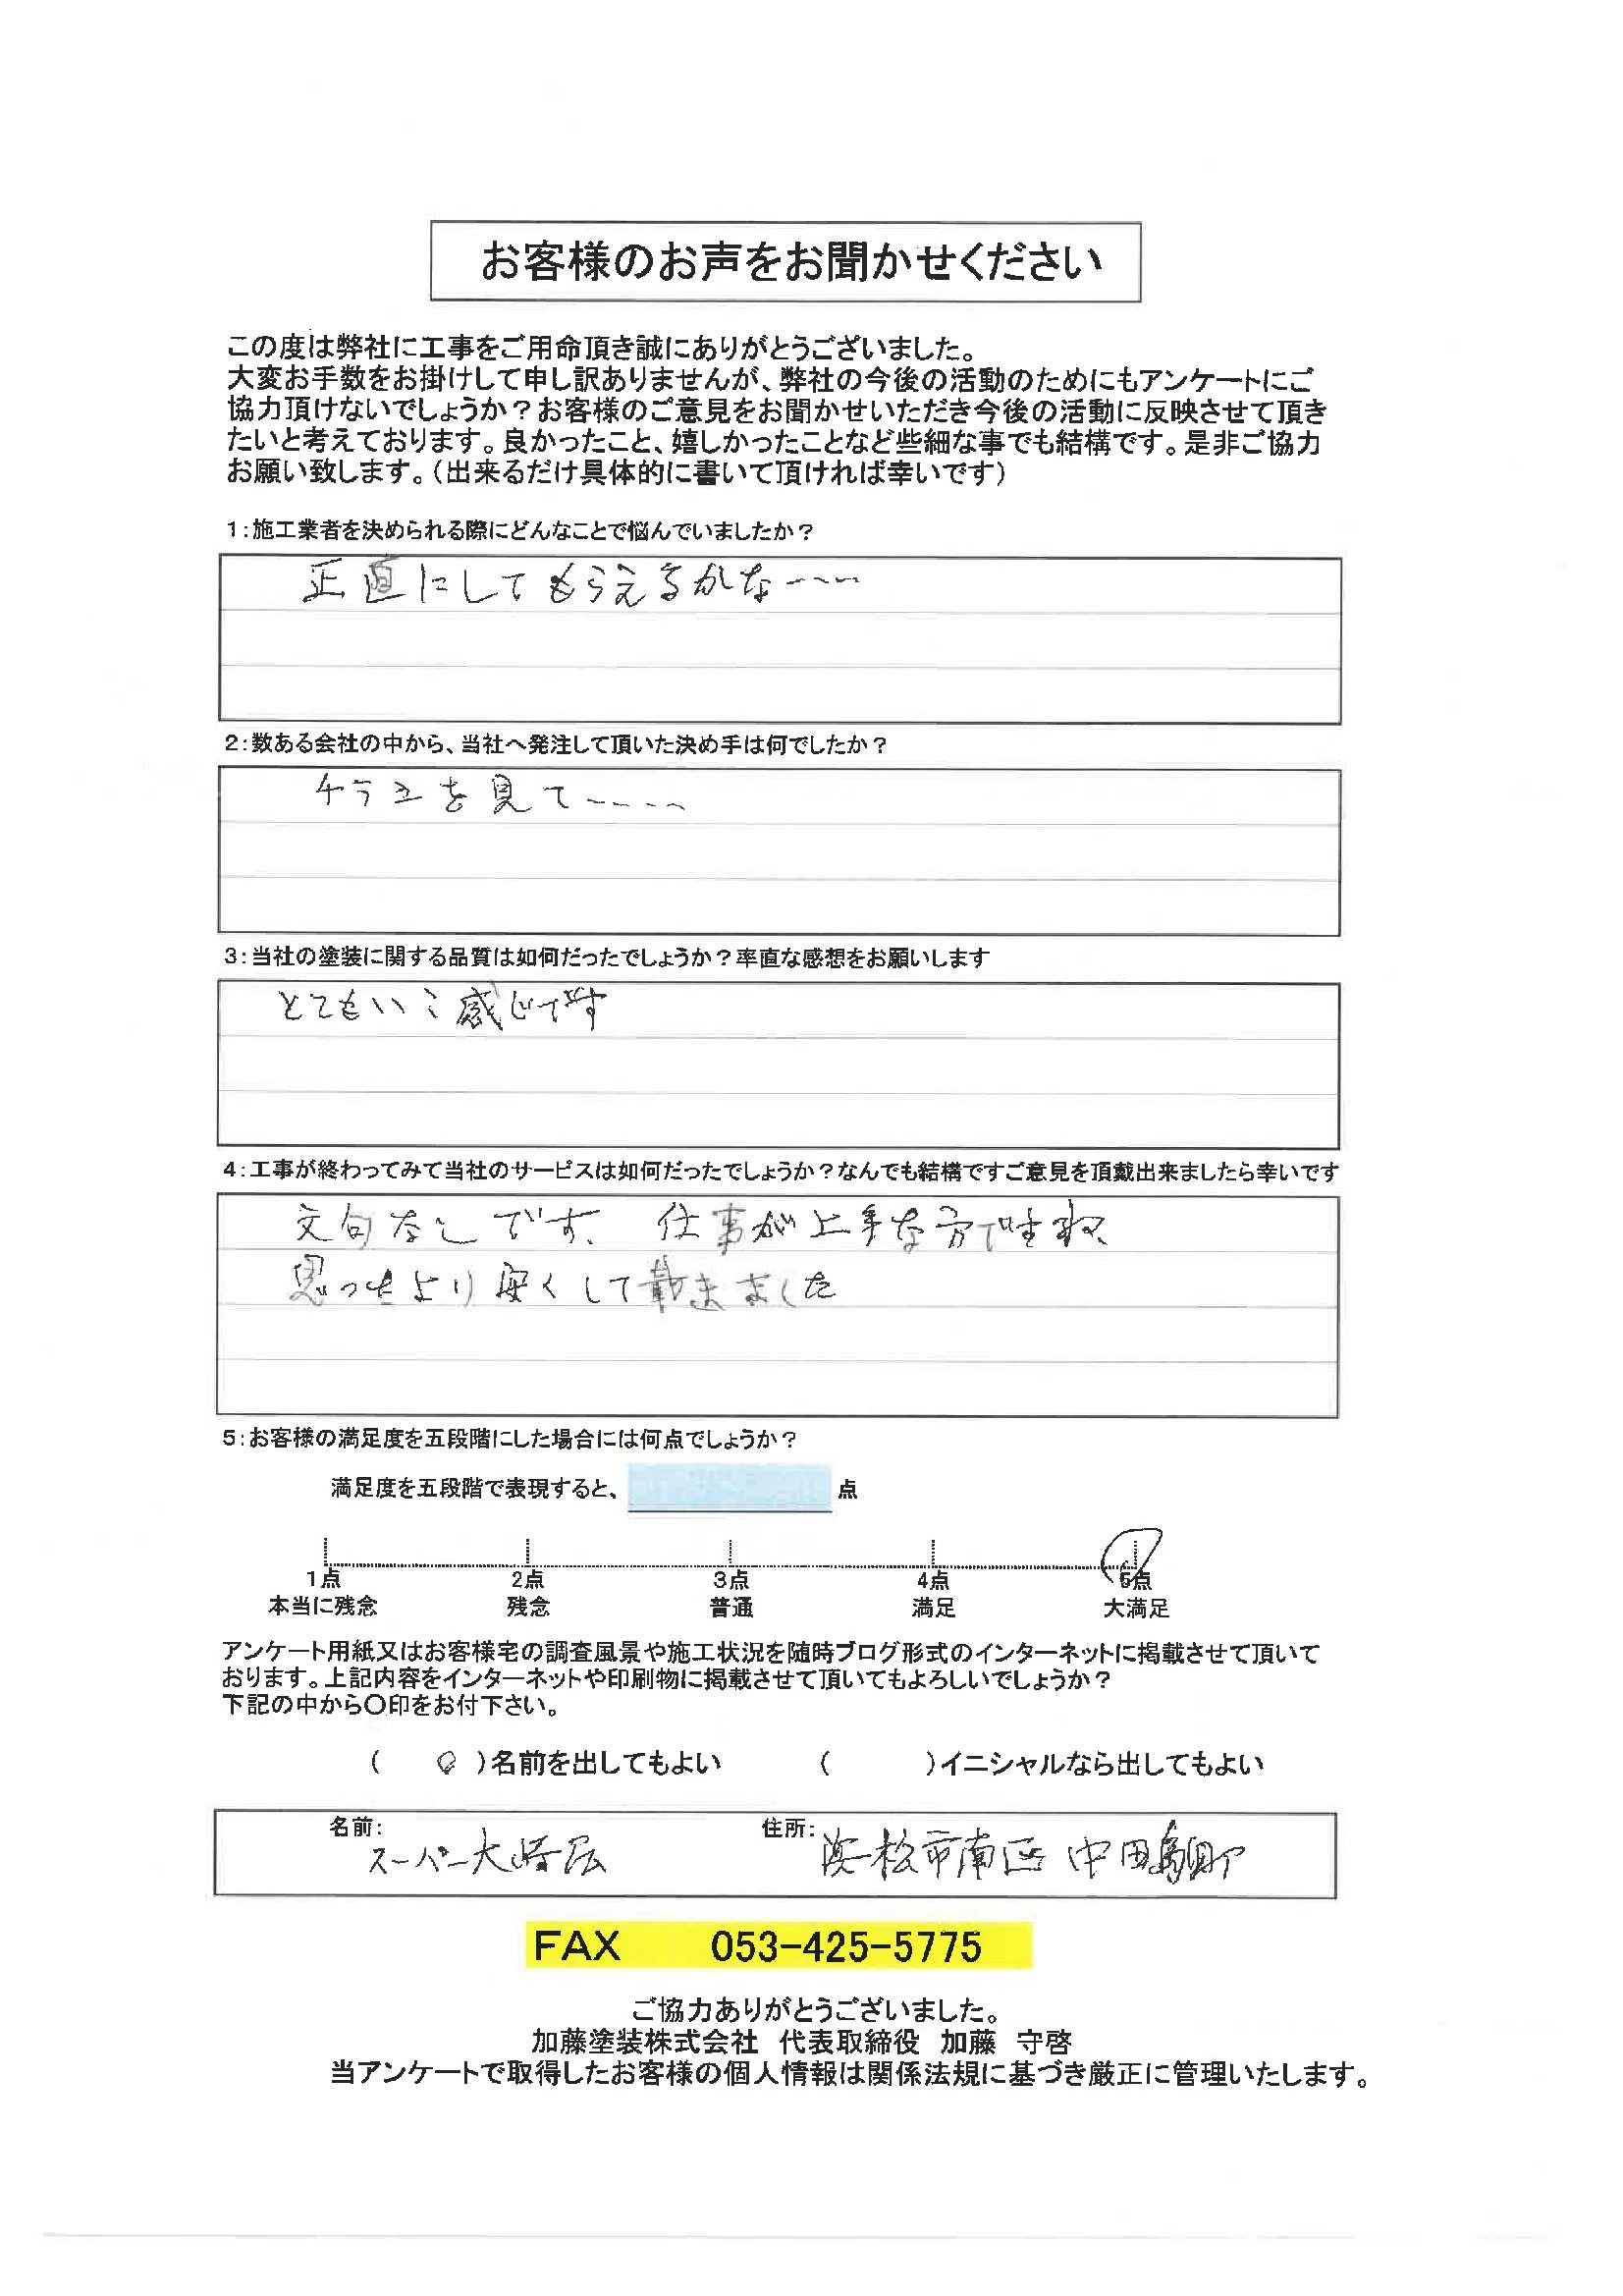 浜松市中田島町のスーパー大崎屋さんからアンケート頂きました。